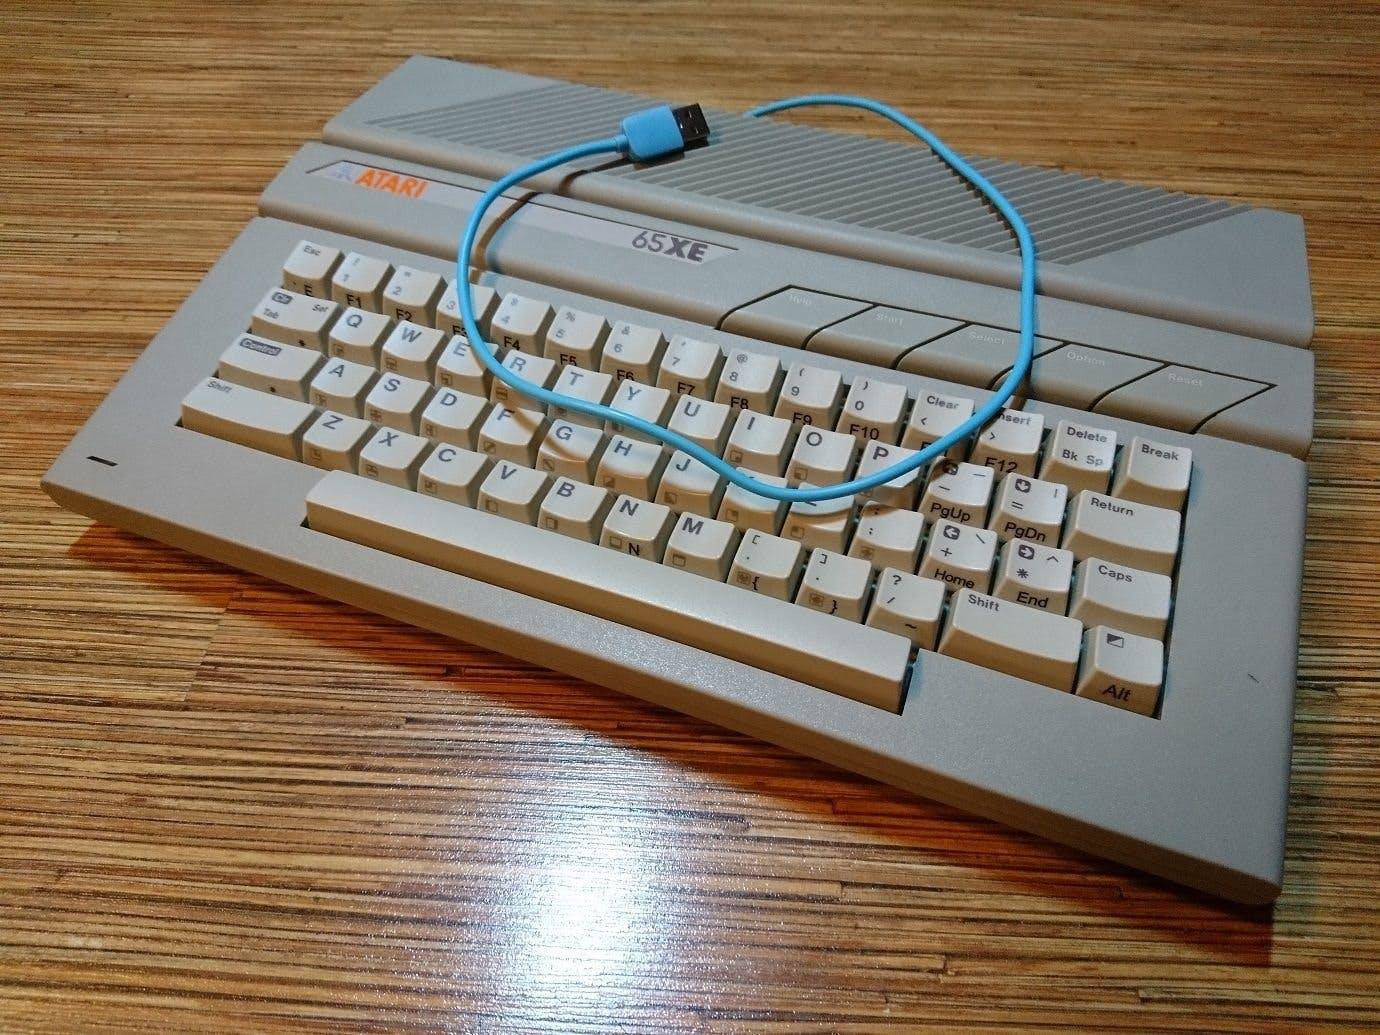 Atari 65XE as USB-Keyboard